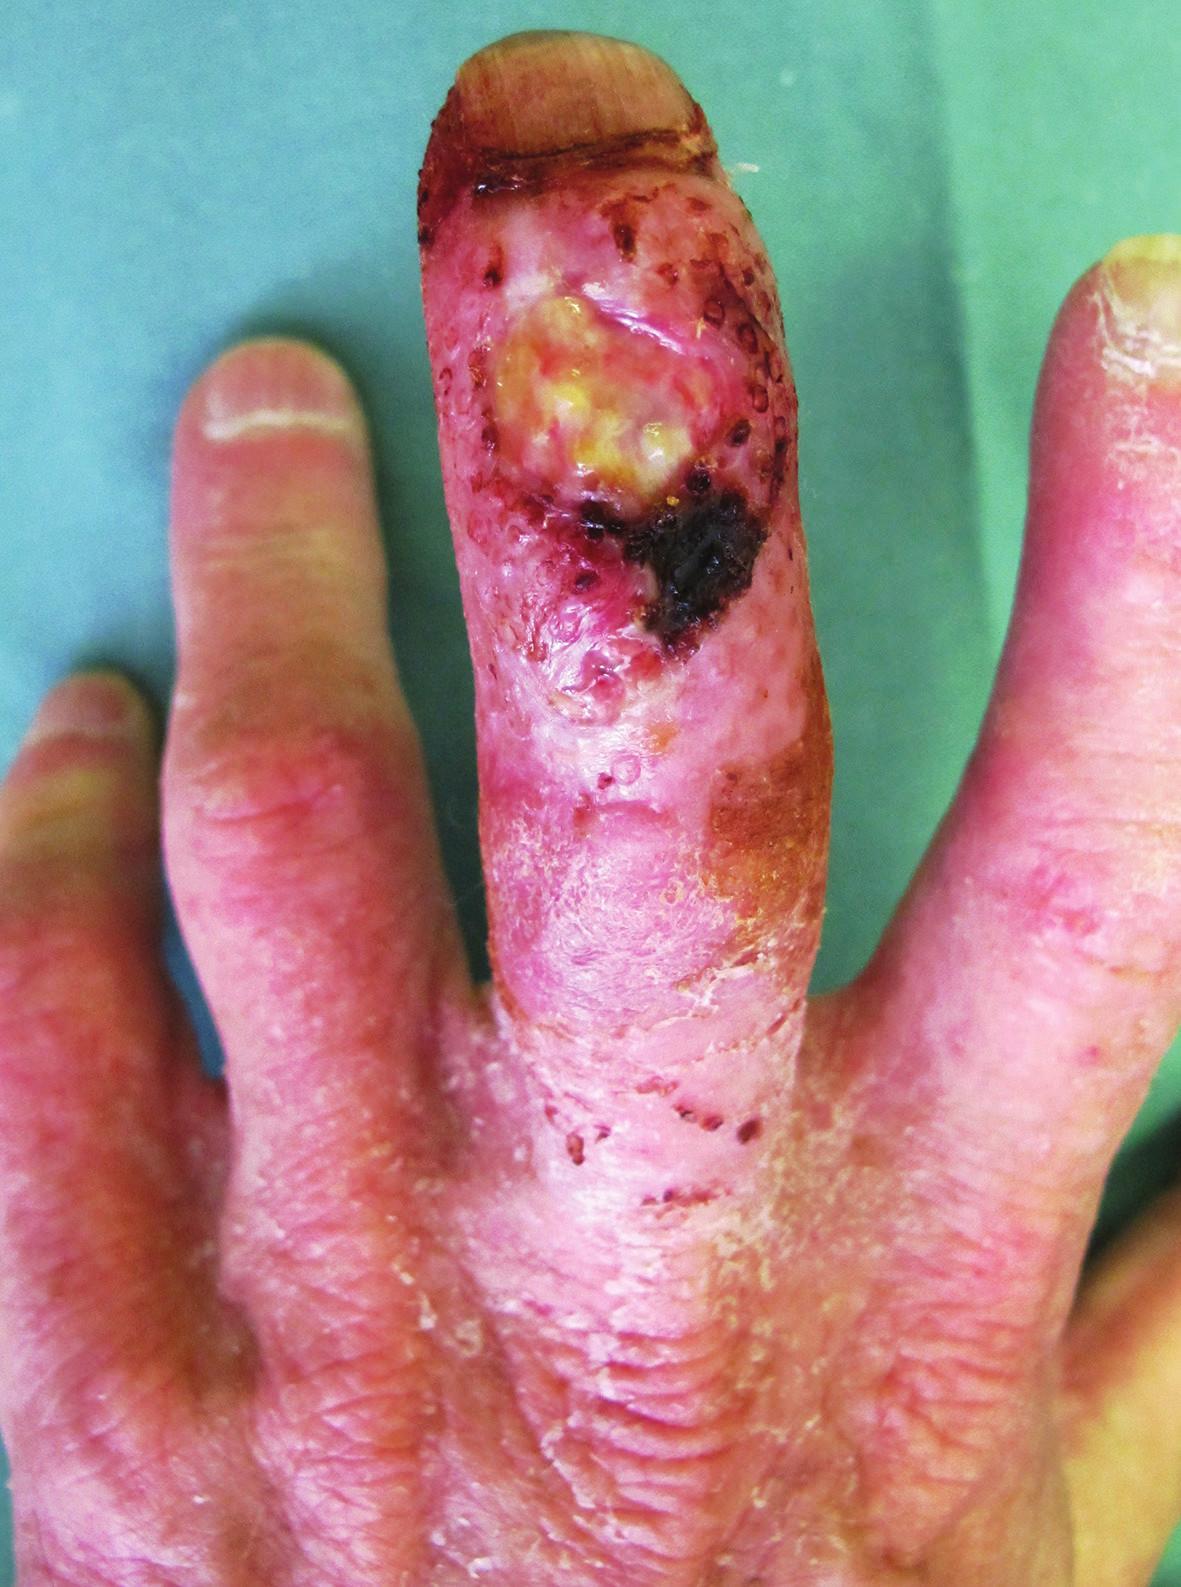 Rozsáhlé hnisavé ložisko na dorzu 3. prstu levé ruky